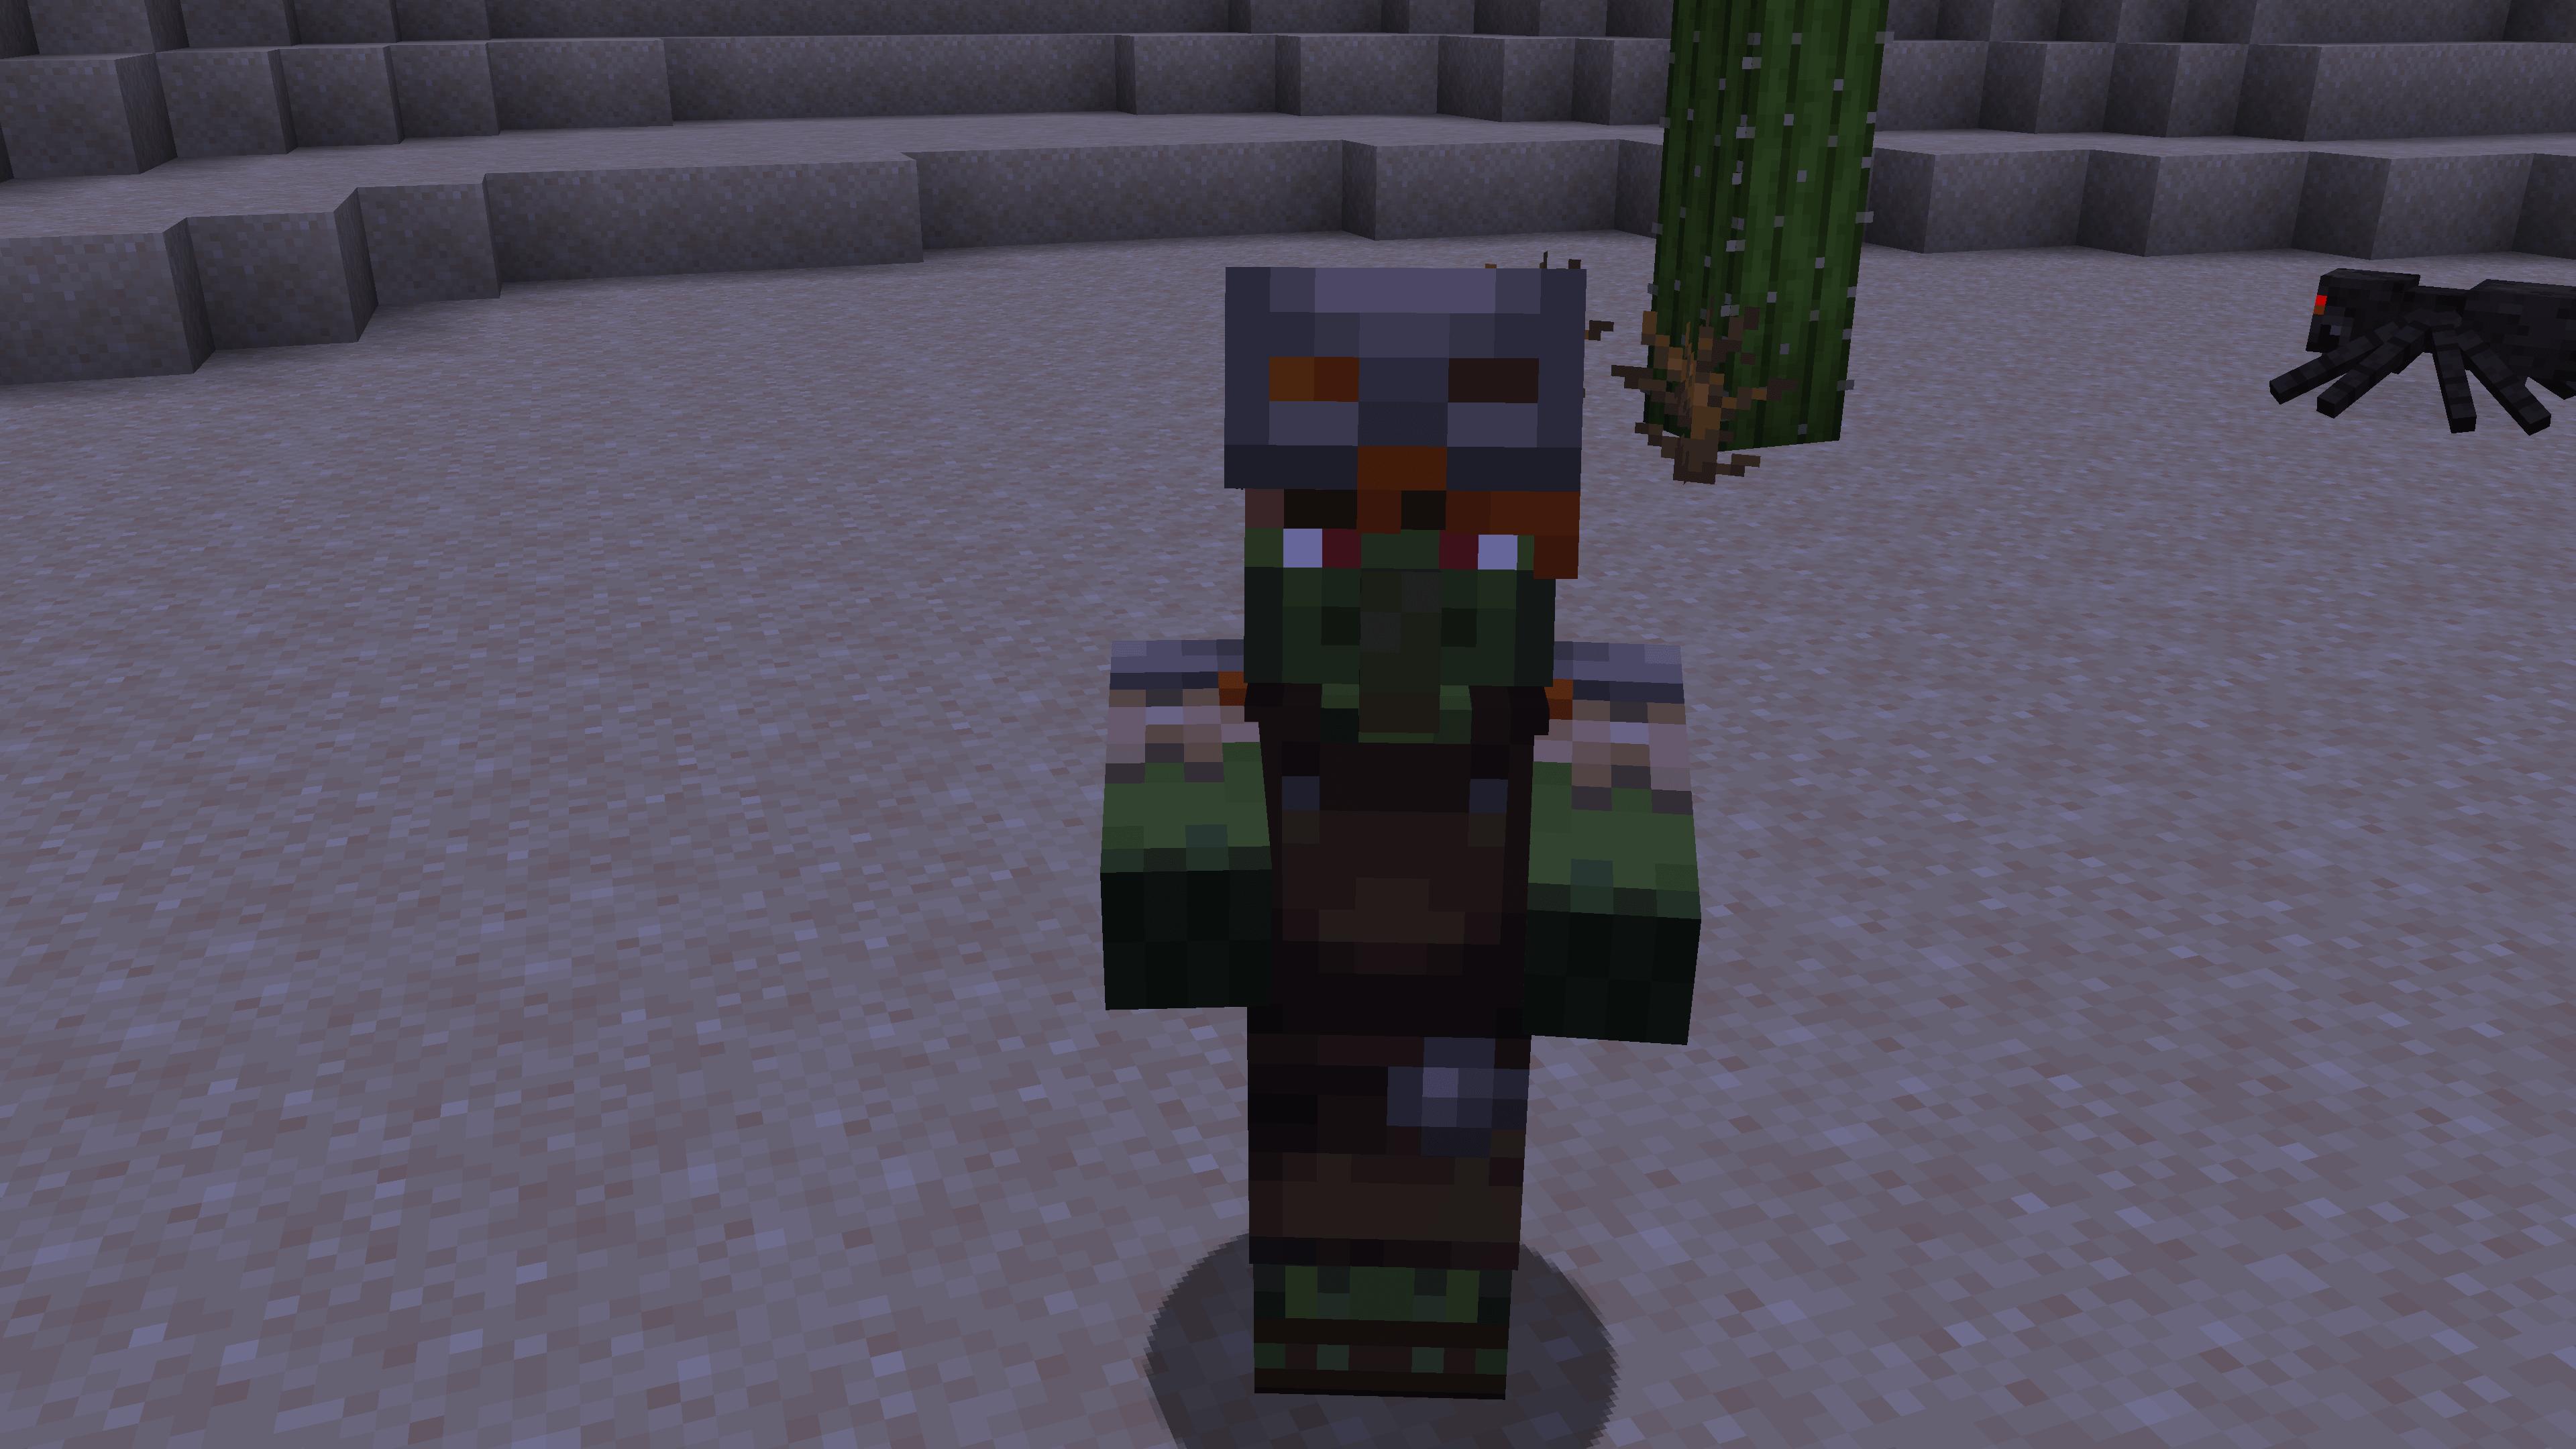 Un villager zombie di Minecraft, che oggi vedremo. Ecco come far tornare normale un villager zombie su Minecraft